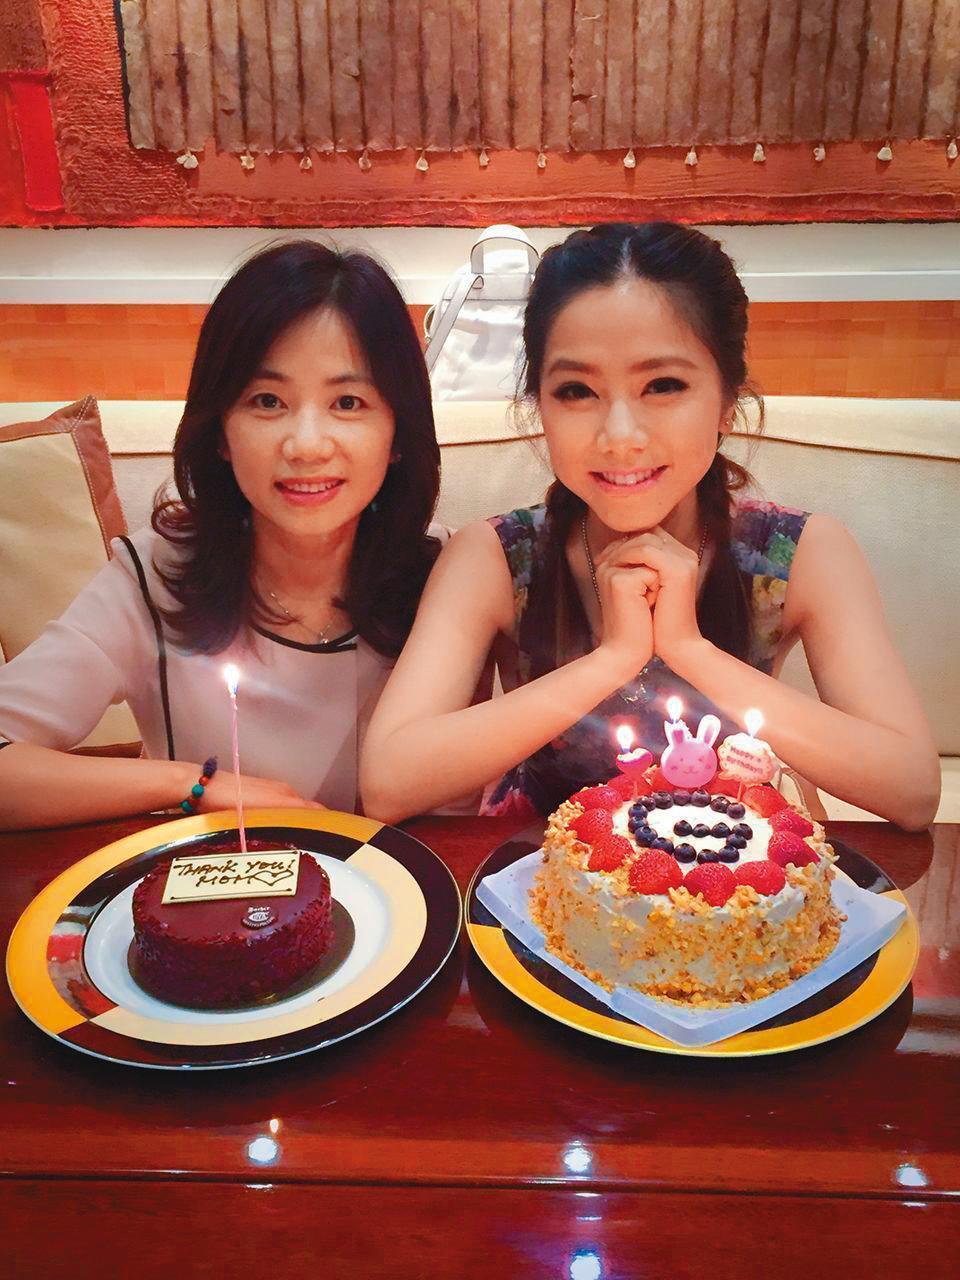 鄧紫棋(右)常在社群網站po與媽媽(左)的合照,母女感情極佳。(翻攝自鄧紫棋臉書)